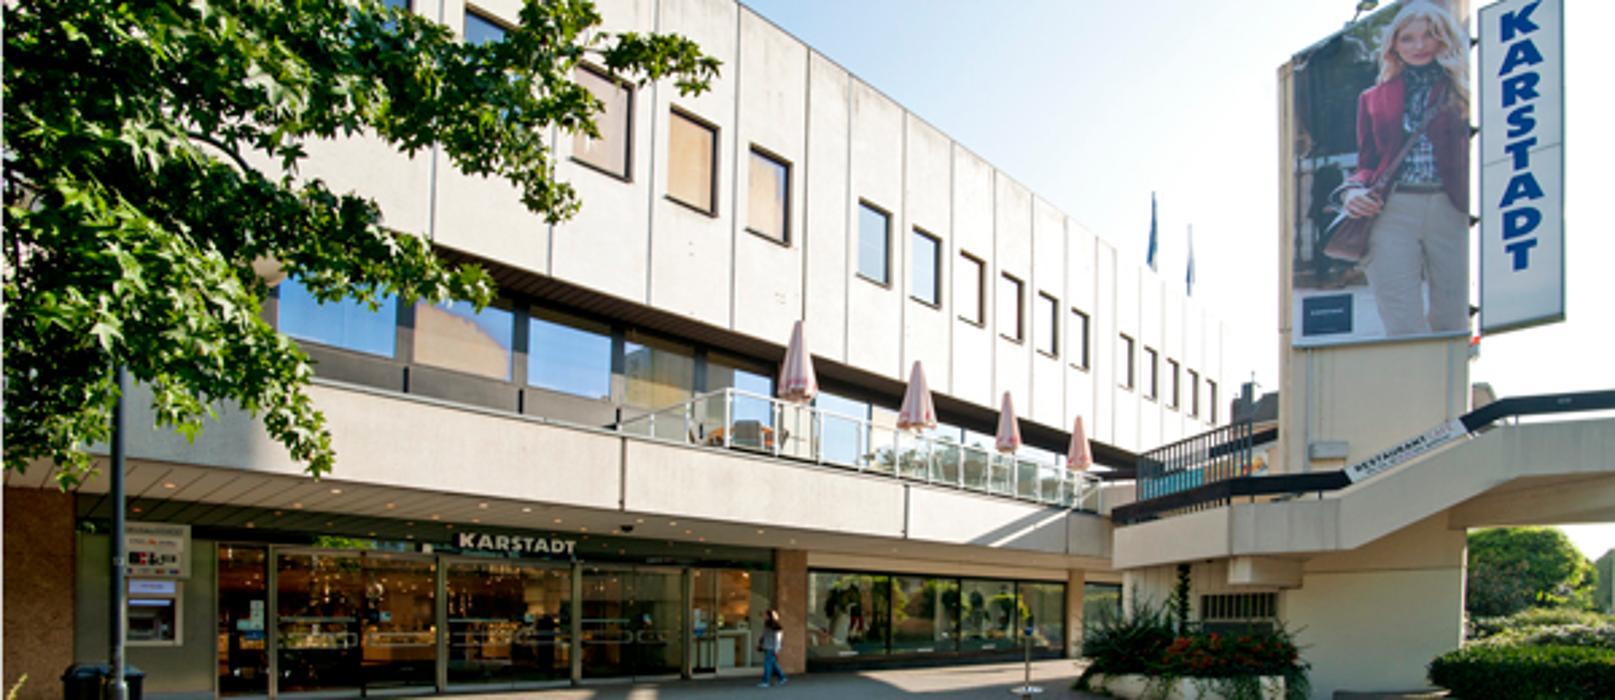 GALERIA (Karstadt) Mönchengladbach Rheydt, Markt in Mönchengladbach